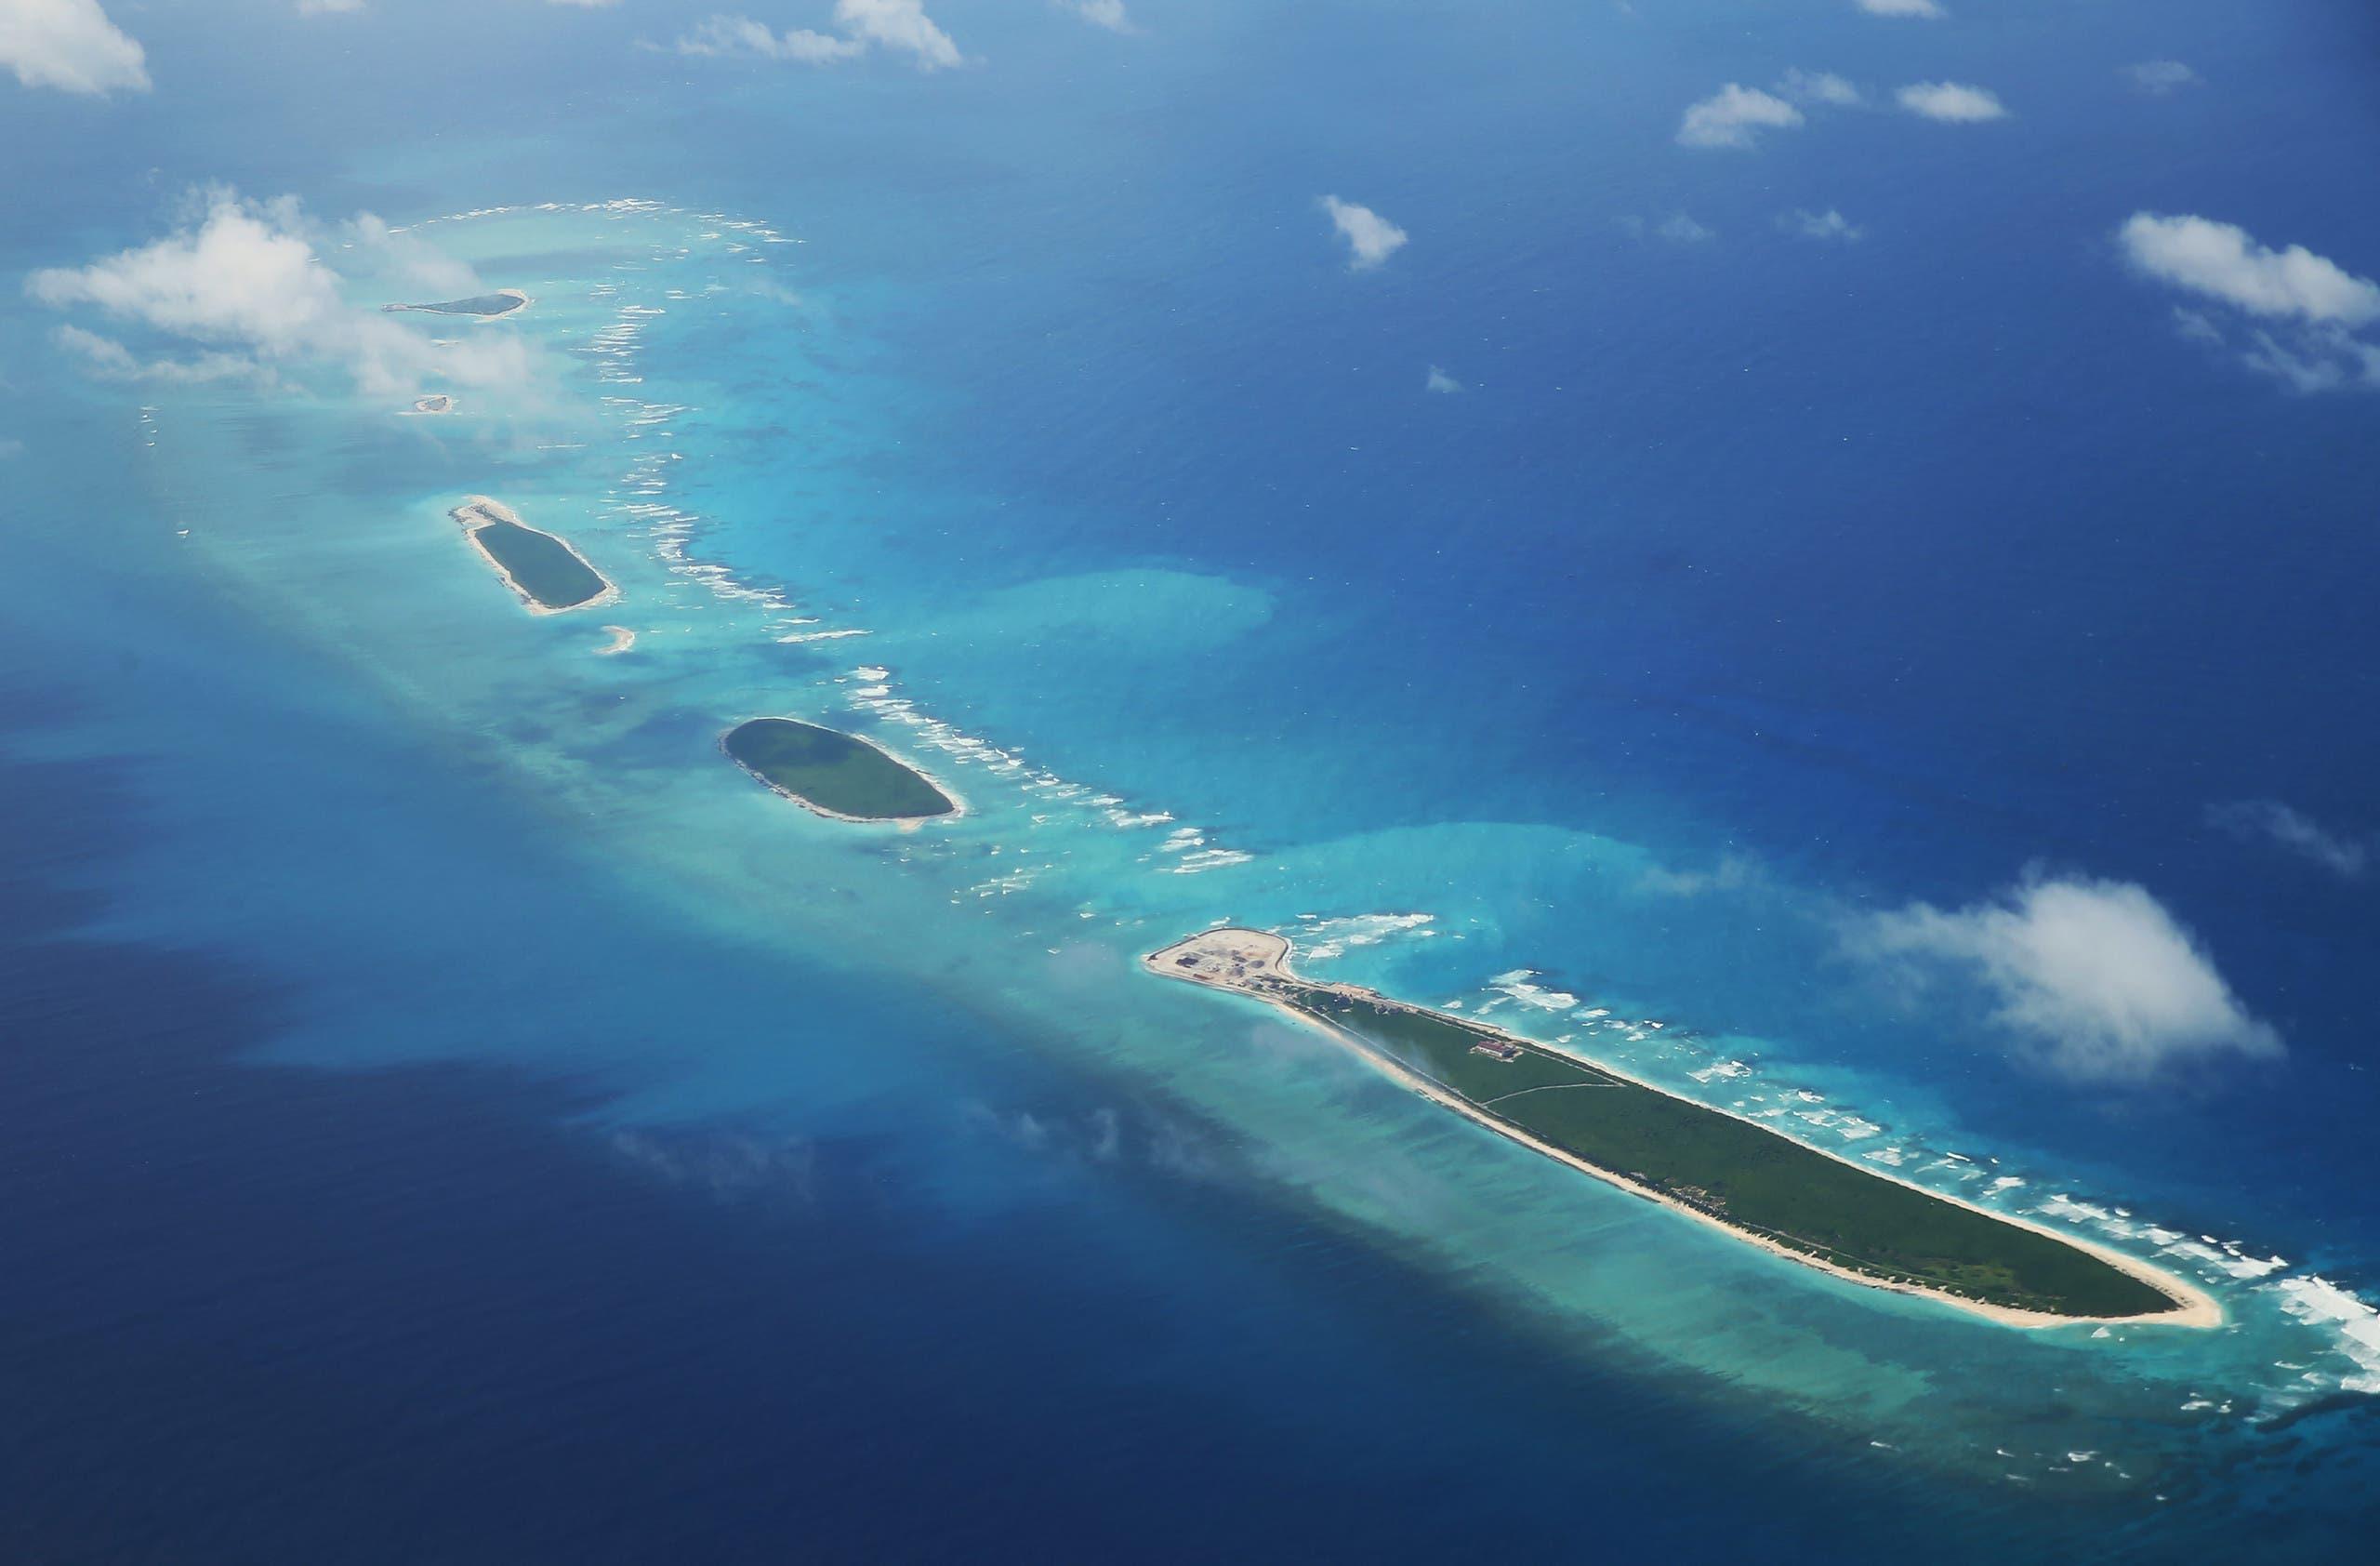 جزء من جزر باراسيل في بحر الصين الجنوبي